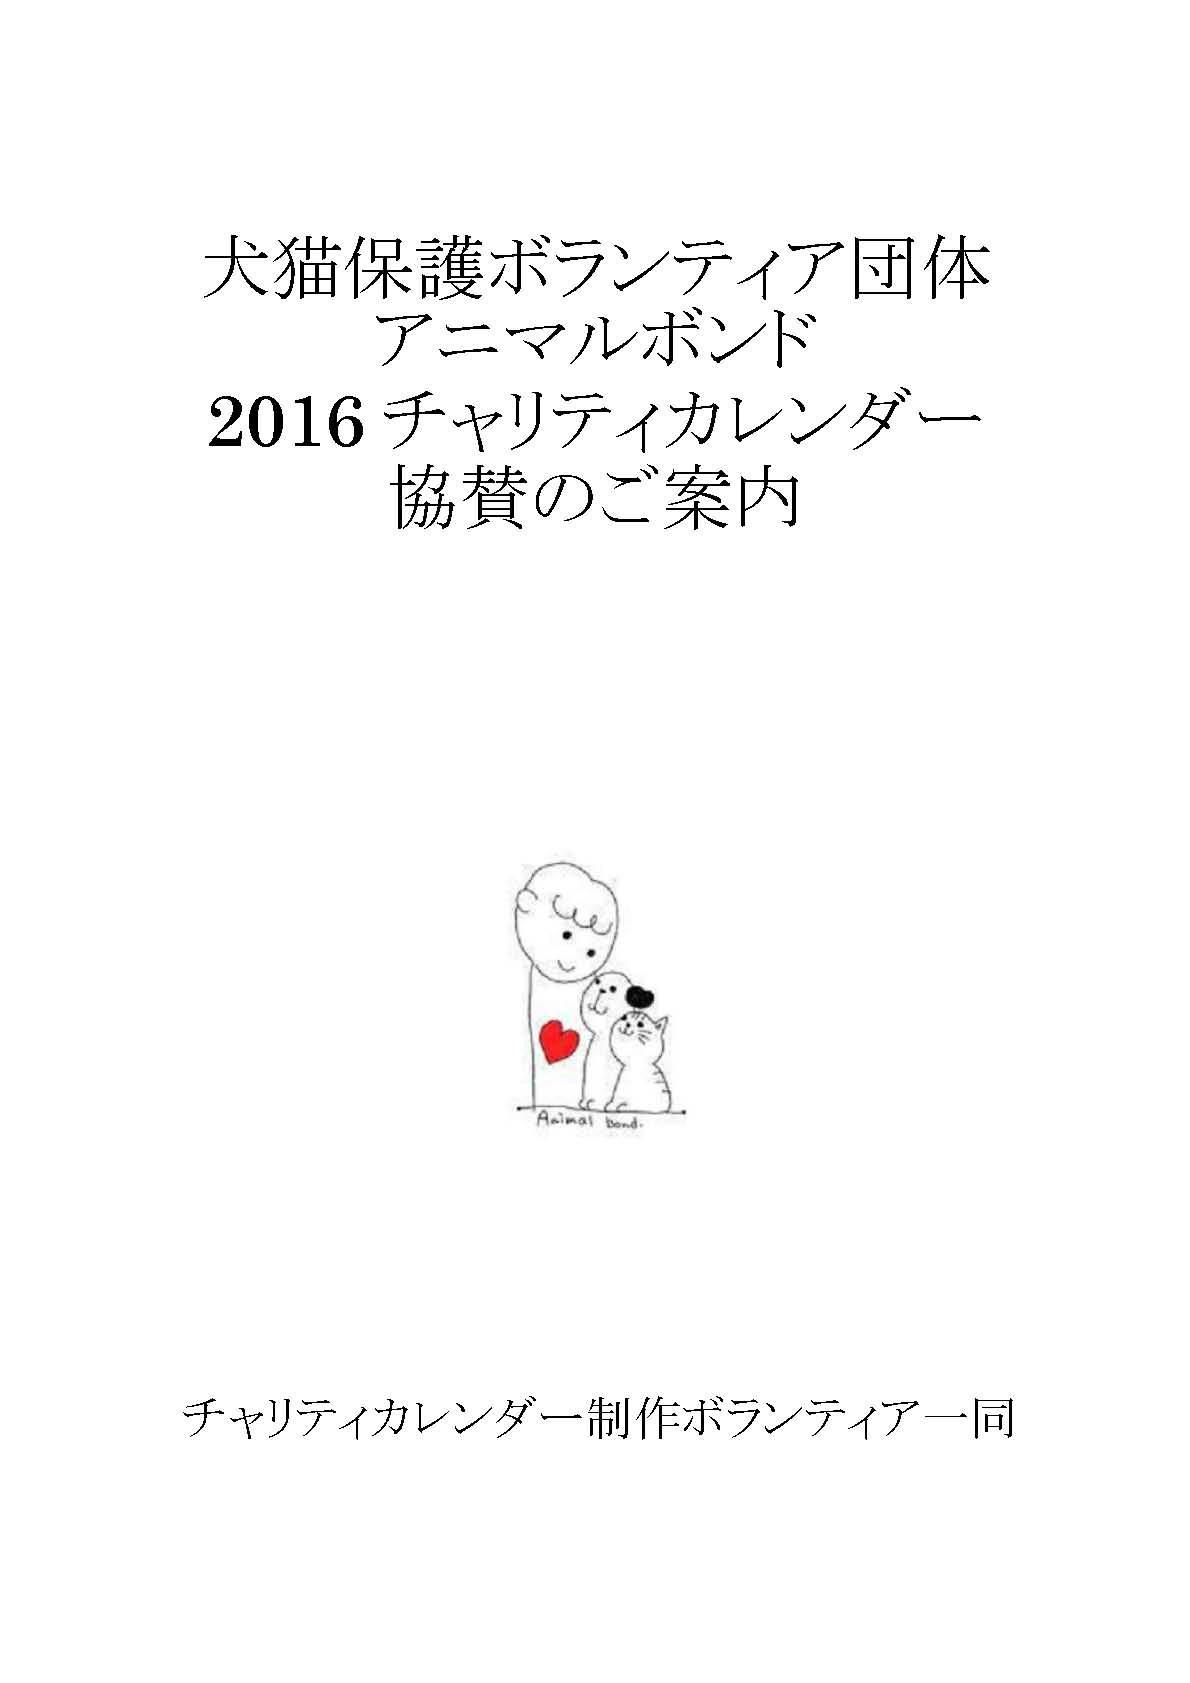 ★2016チャリティカレンダー★